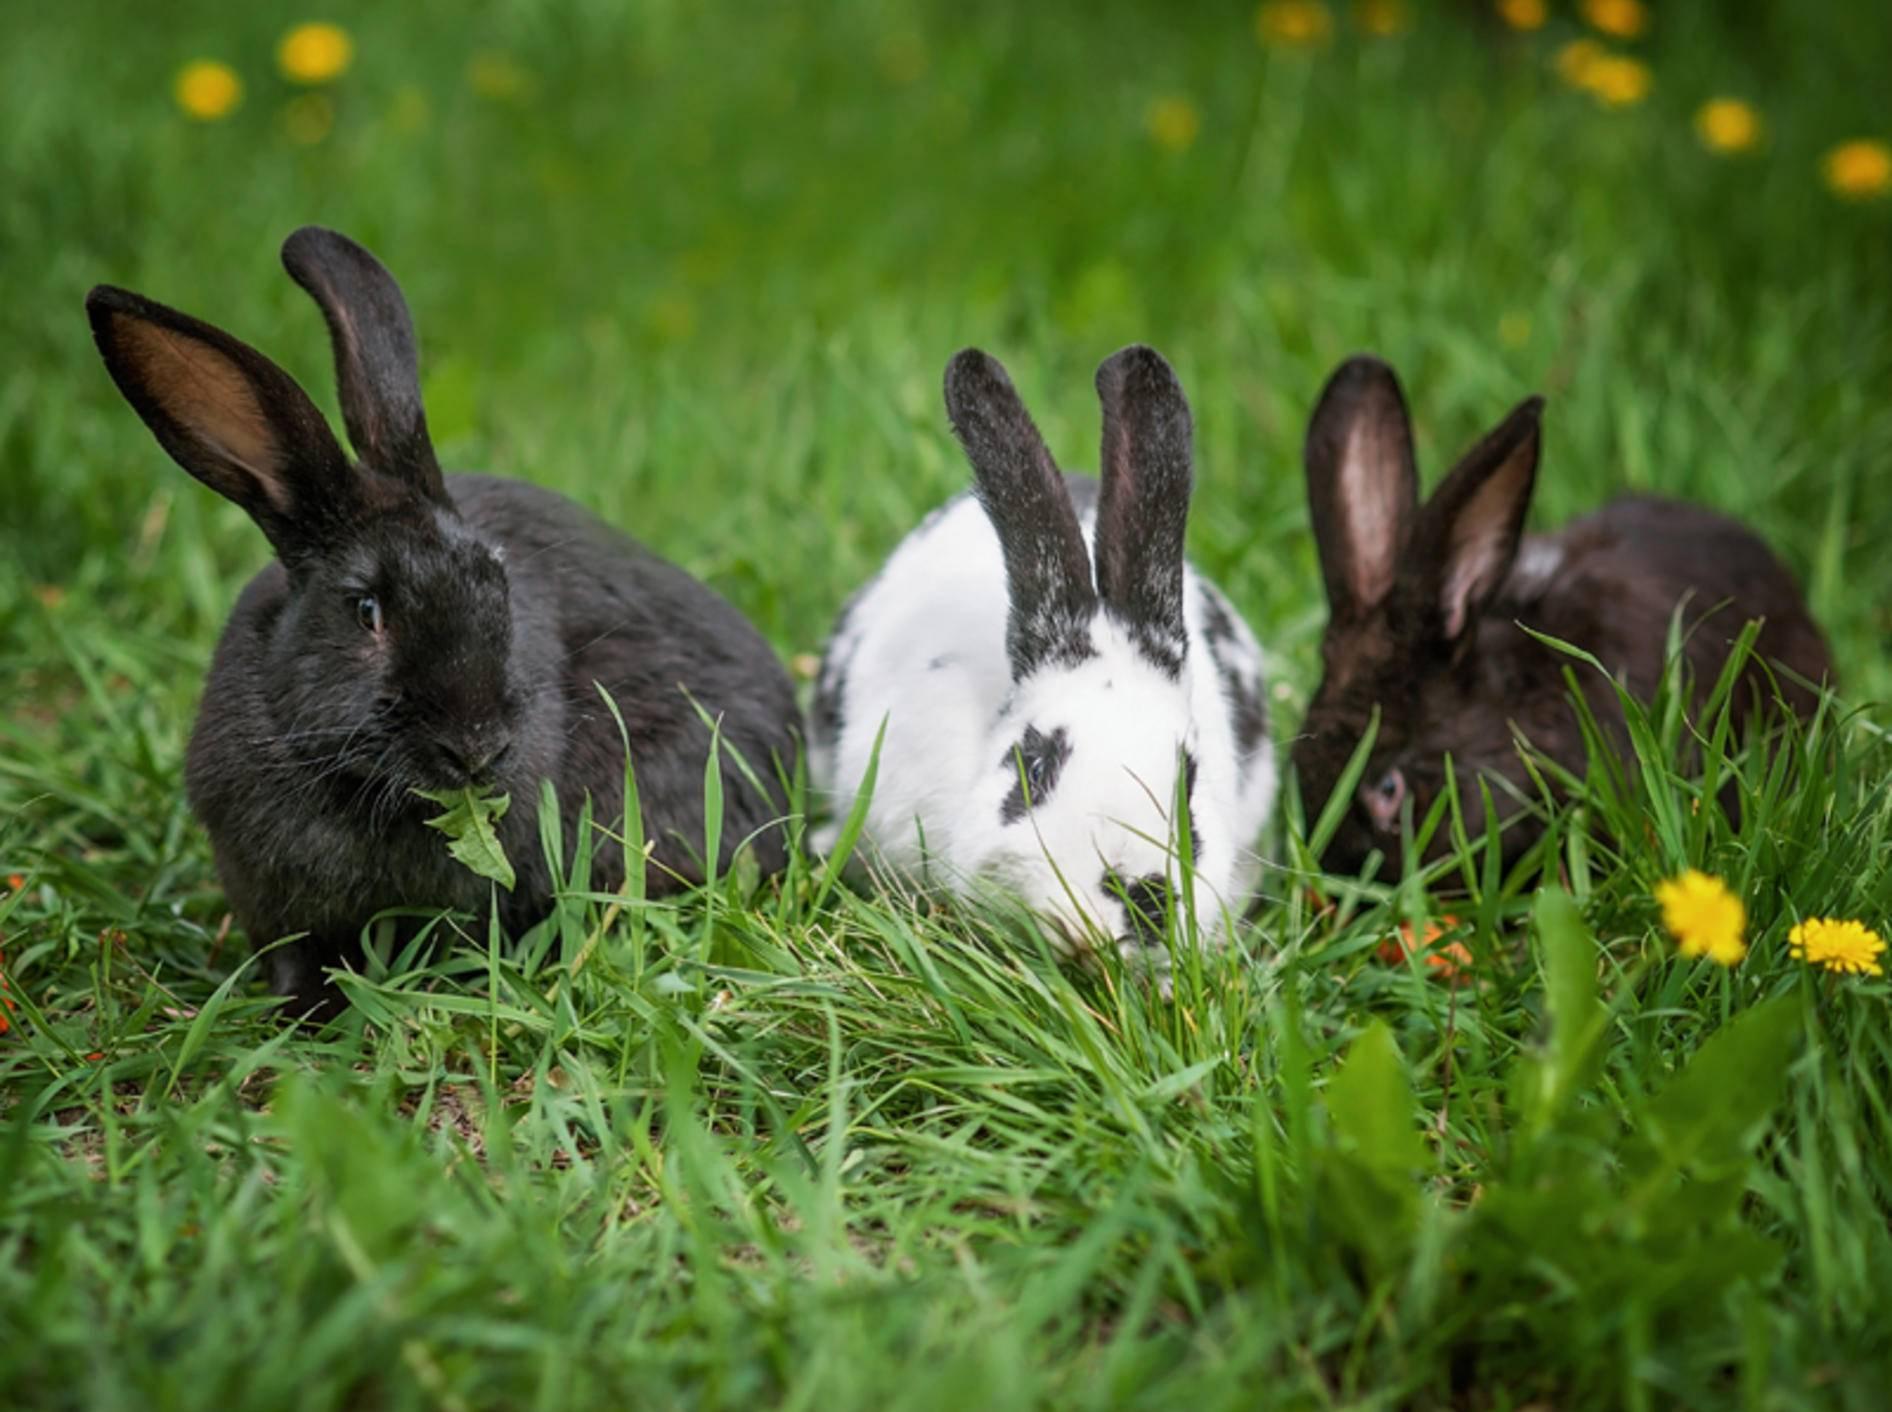 Diese Kaninchenfreunde haben die Rangordnung untereinander bereits geklärt und verstehen sich bestens – Shutterstock / Serenko Natalia